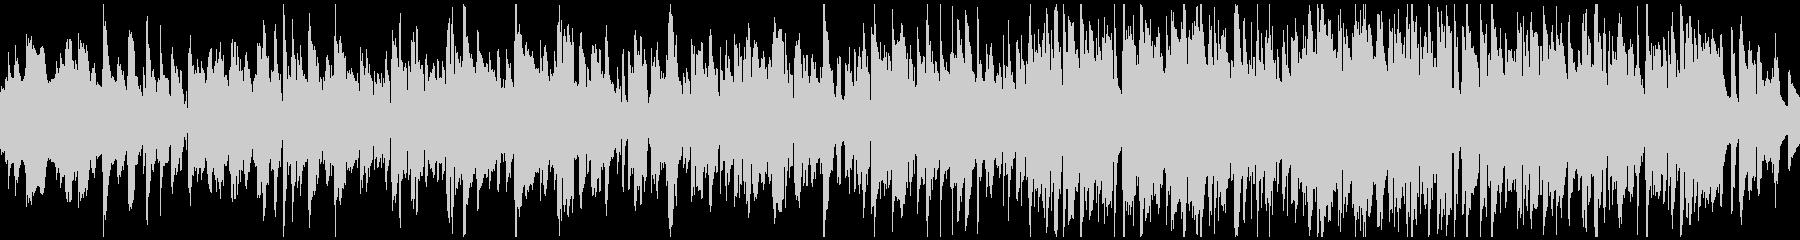 幸せな雰囲気の素敵ジャズワルツ※ループ版の未再生の波形